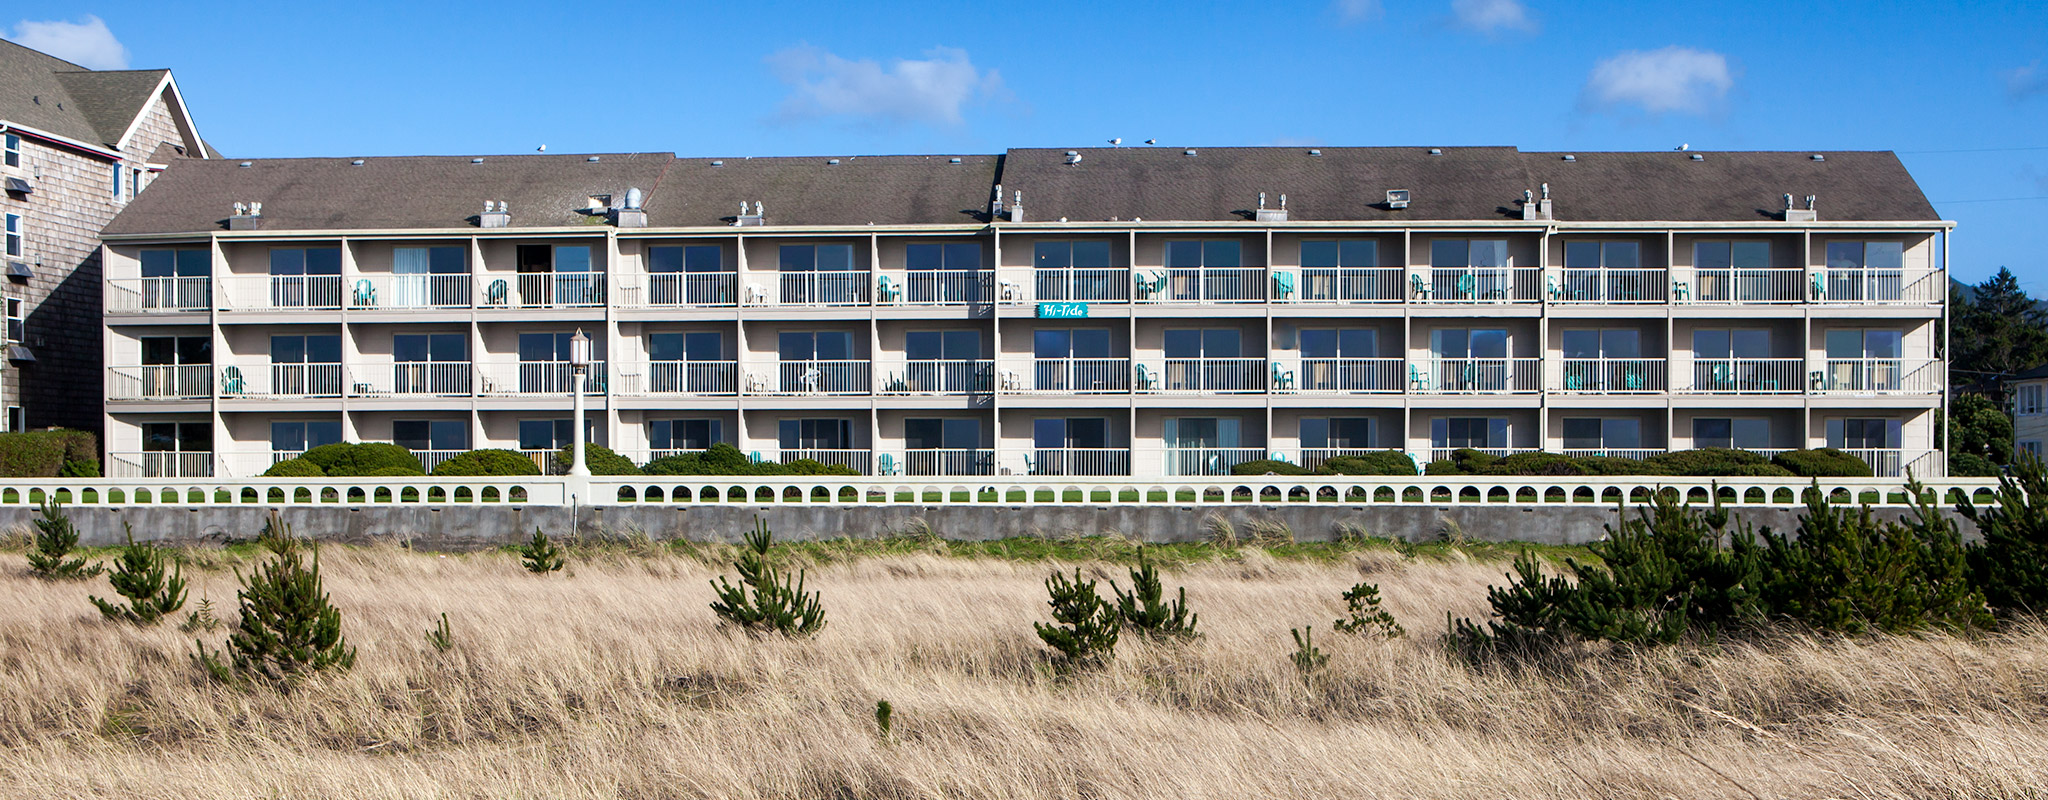 Hi-Tide-Seaside-Hotel-Oregon-banner.jpg